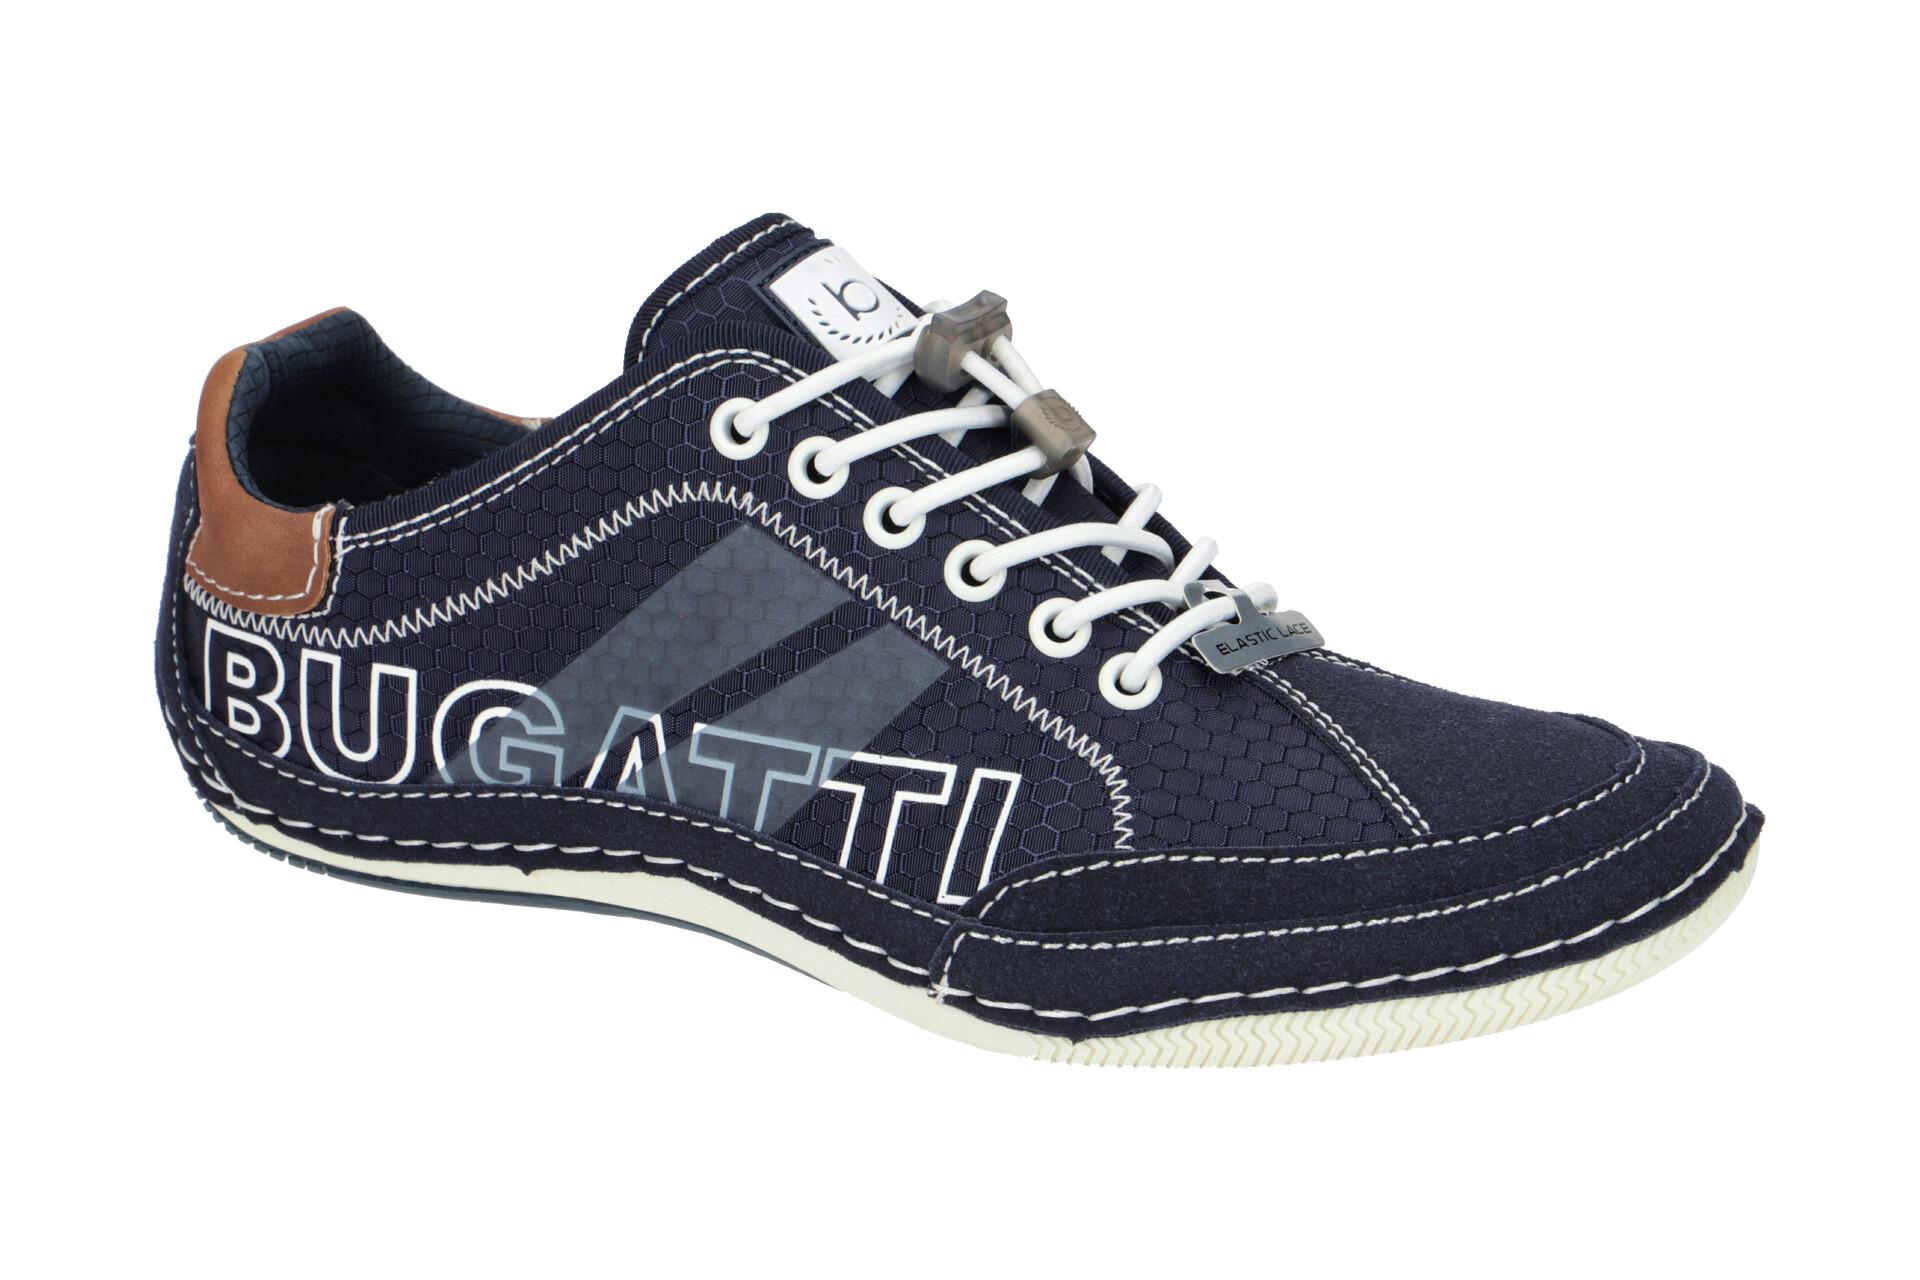 4100-dark-blue Bugatti 321-48009-5400 CANARIO Herren Schuhe Sneaker